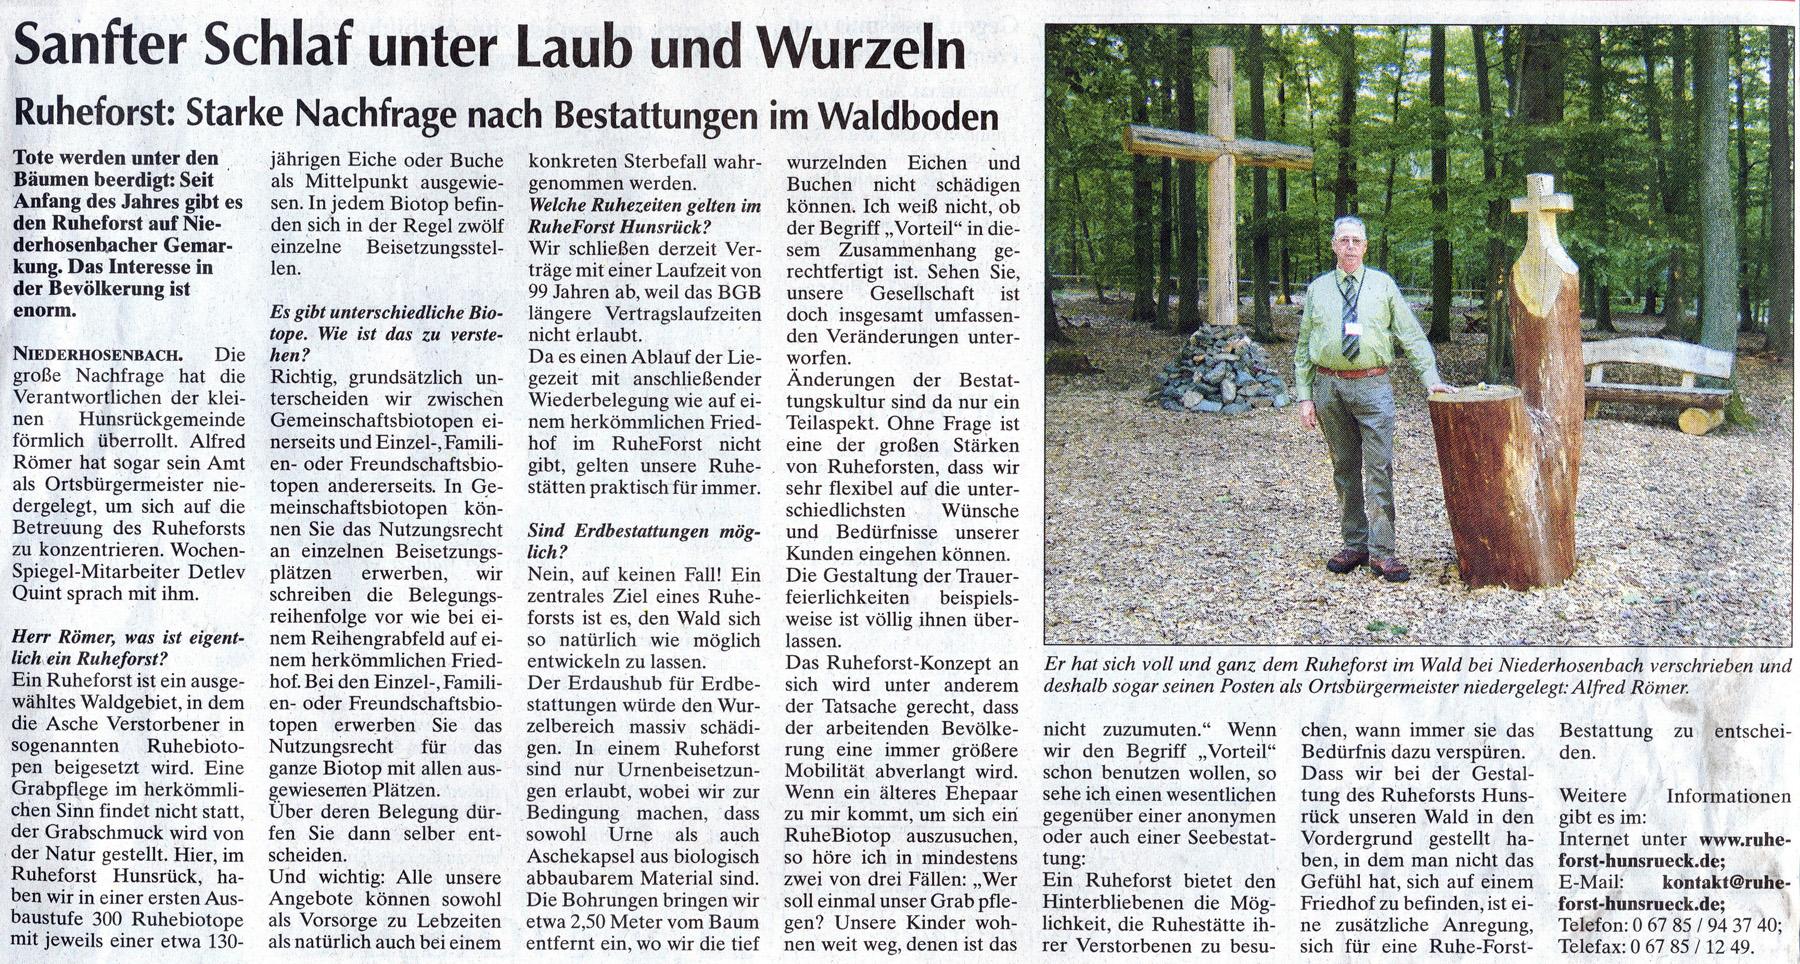 2007.09.26. Wochenspiegel - Kopie